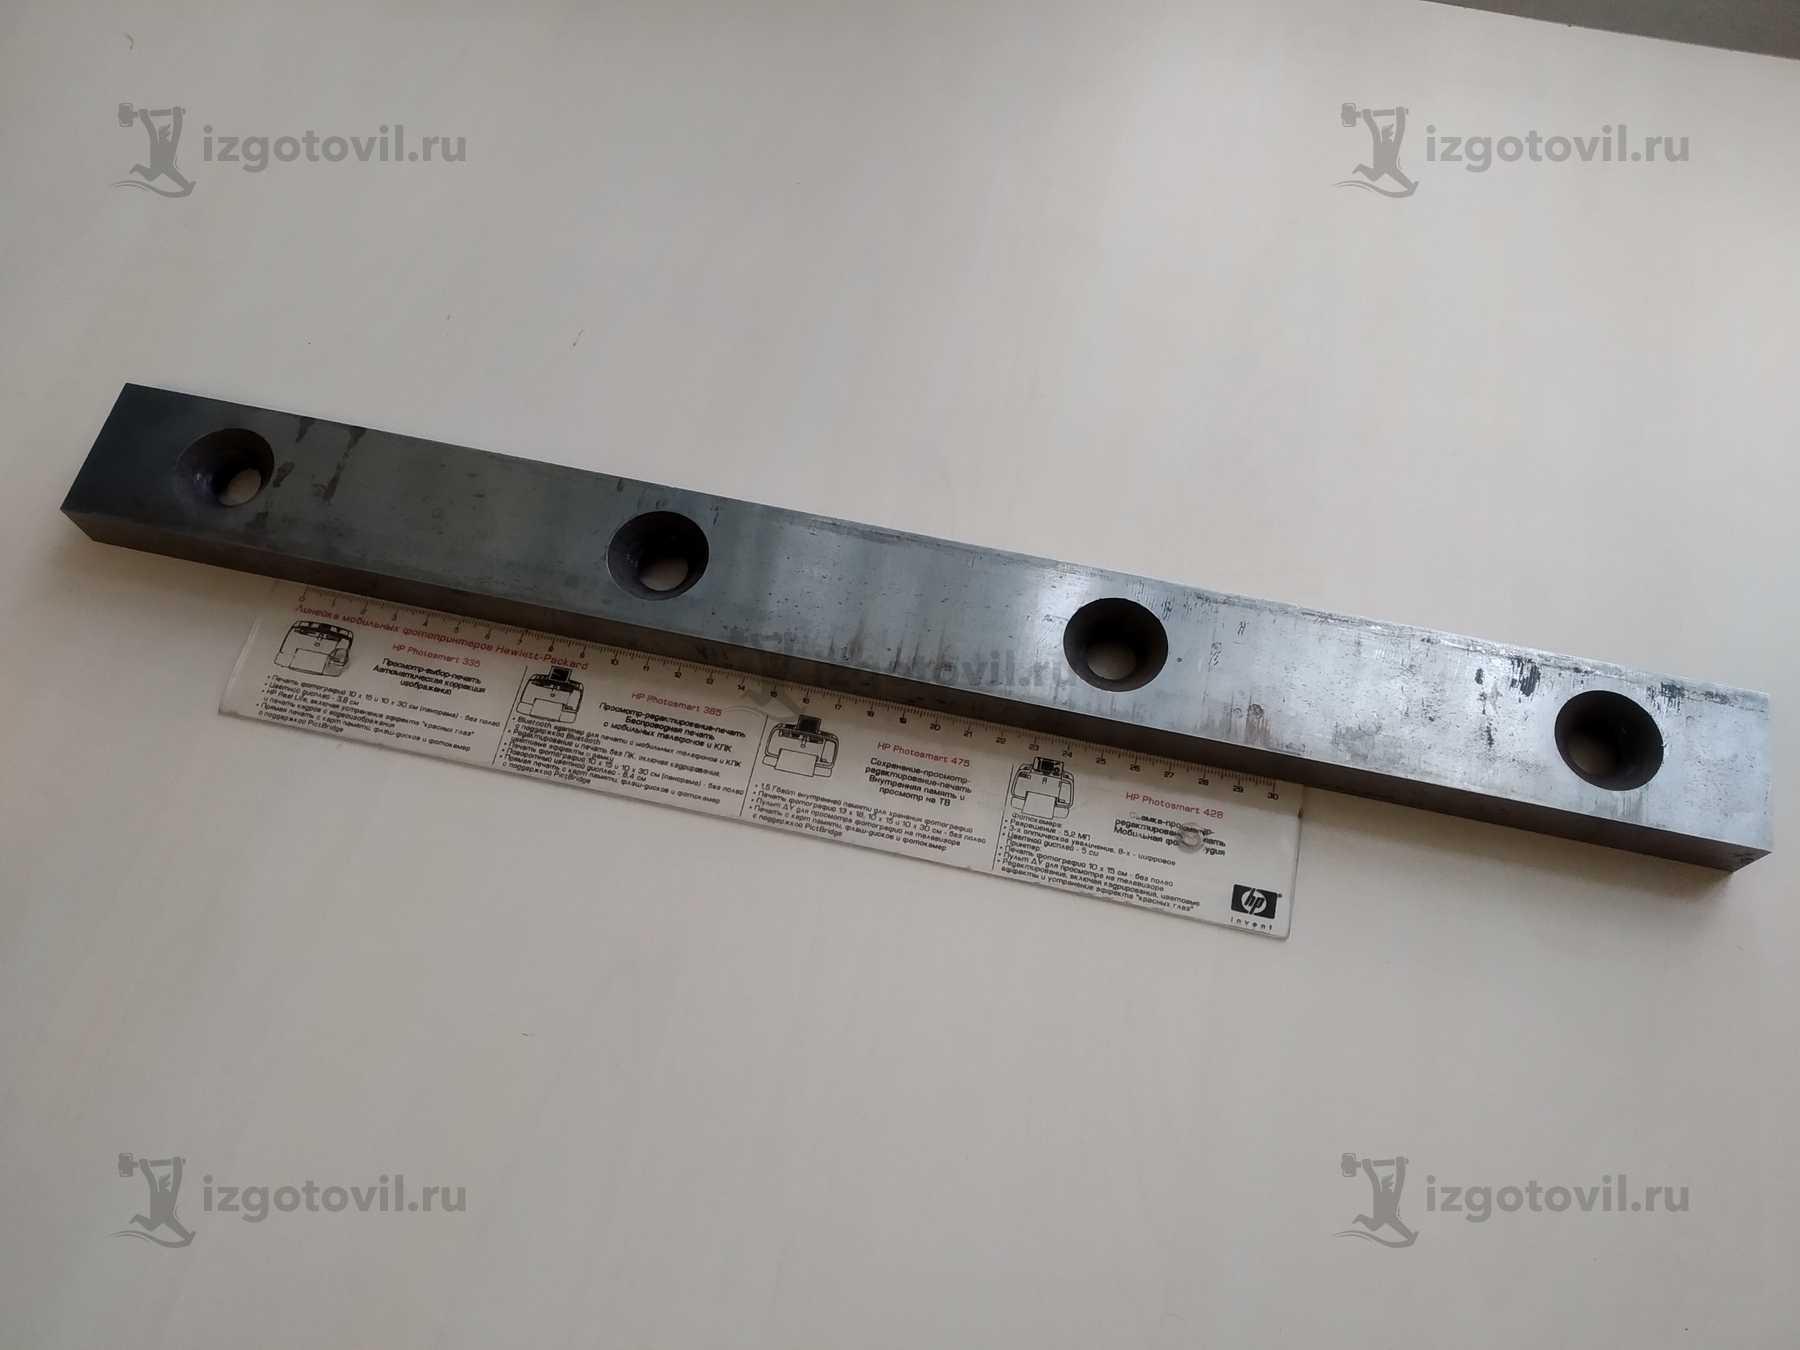 Изготовление деталей оборудования ( ножи для гильотины НГ4/2).